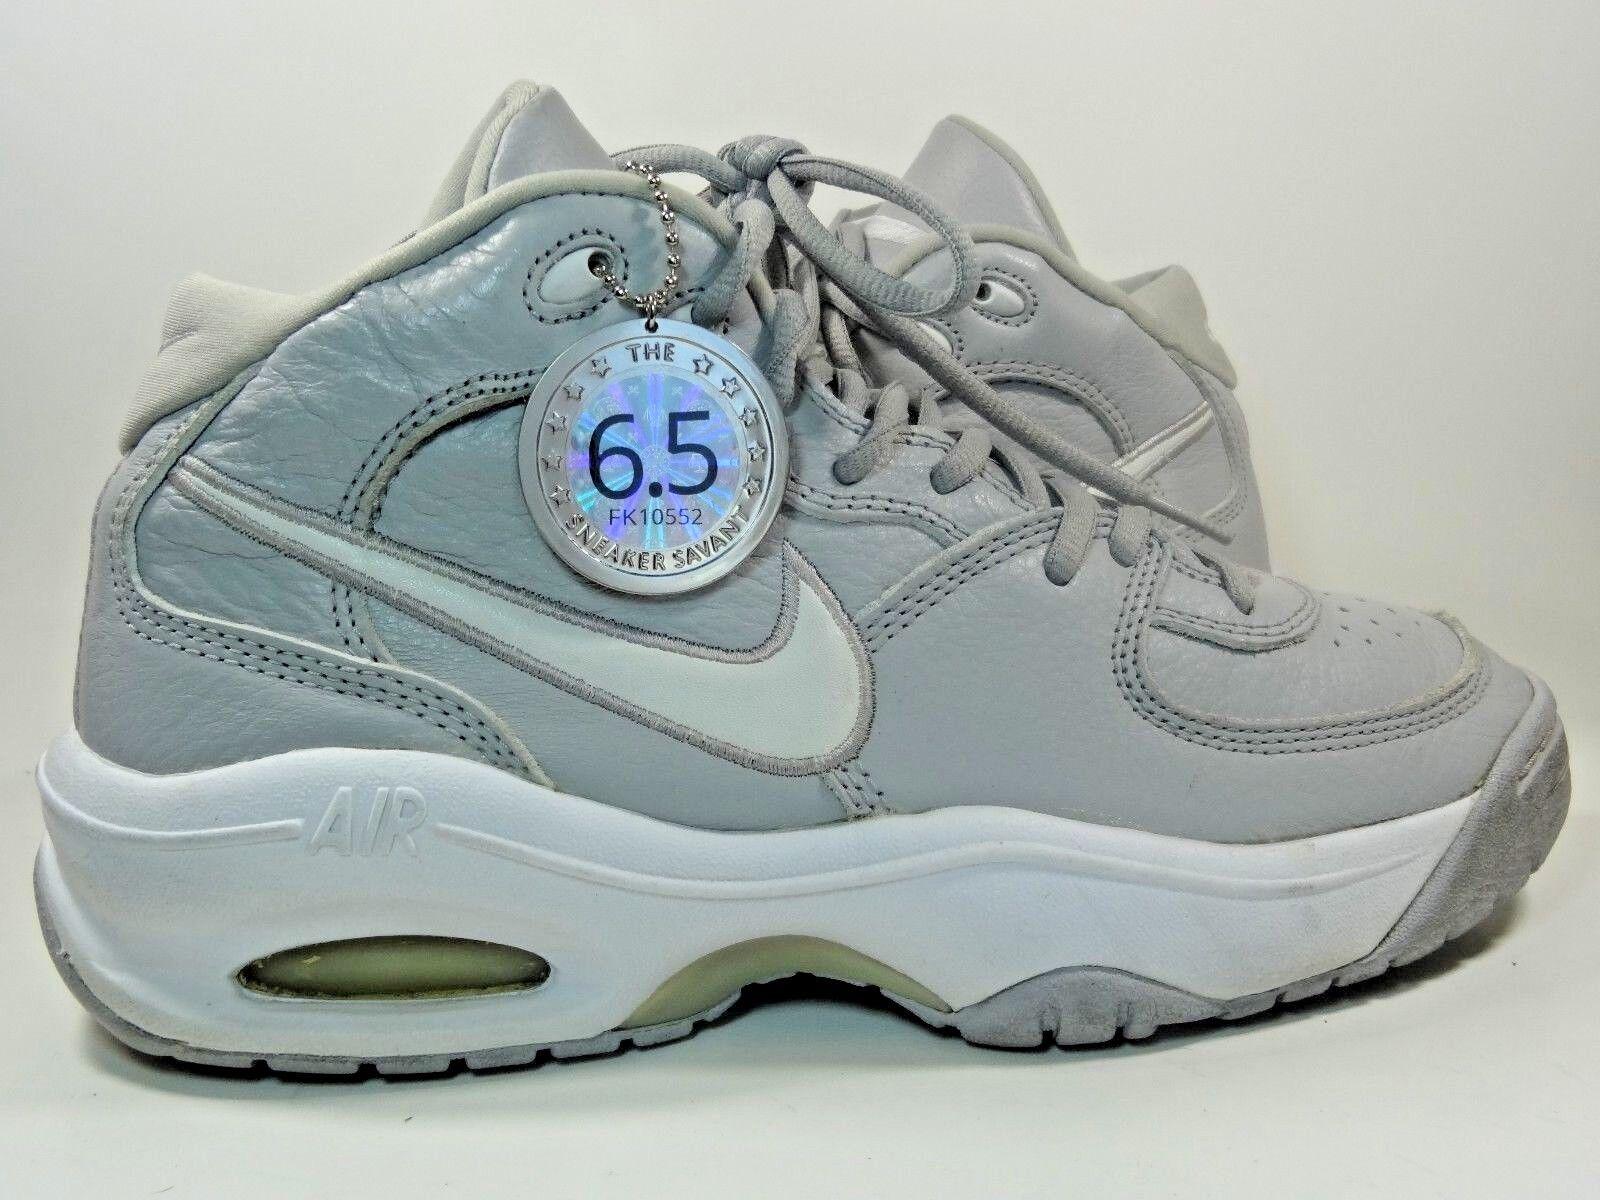 1998 - nike air force lite sz 10 tss 6.5 10 co.jp af1 1 e uno grigio e bianco vintage   prendere in considerazione    Uomo/Donne Scarpa